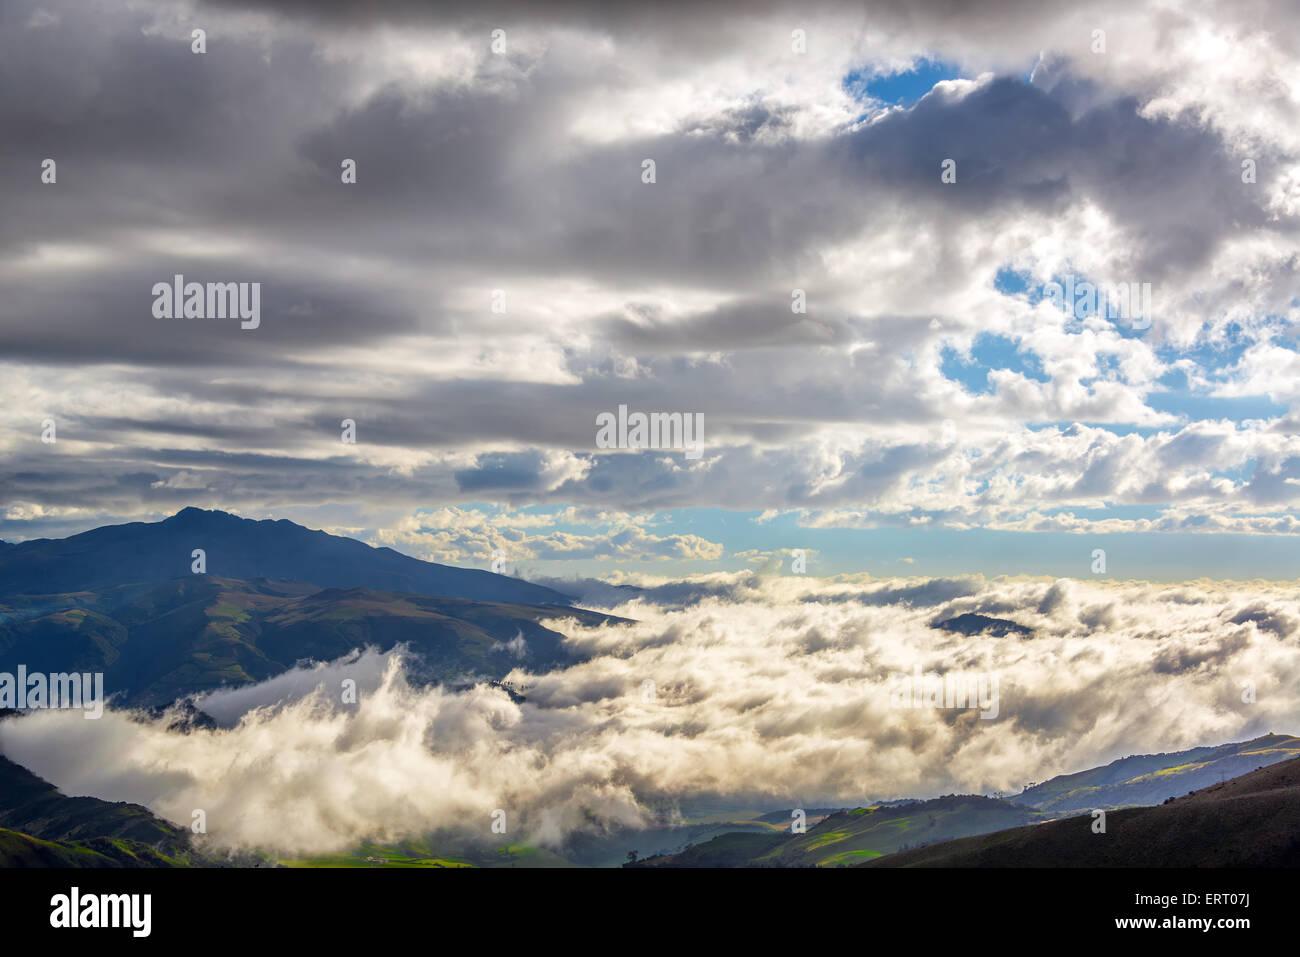 Wolkengebilde Aussicht auf die Hügel am Stadtrand von Quito, Ecuador Stockbild